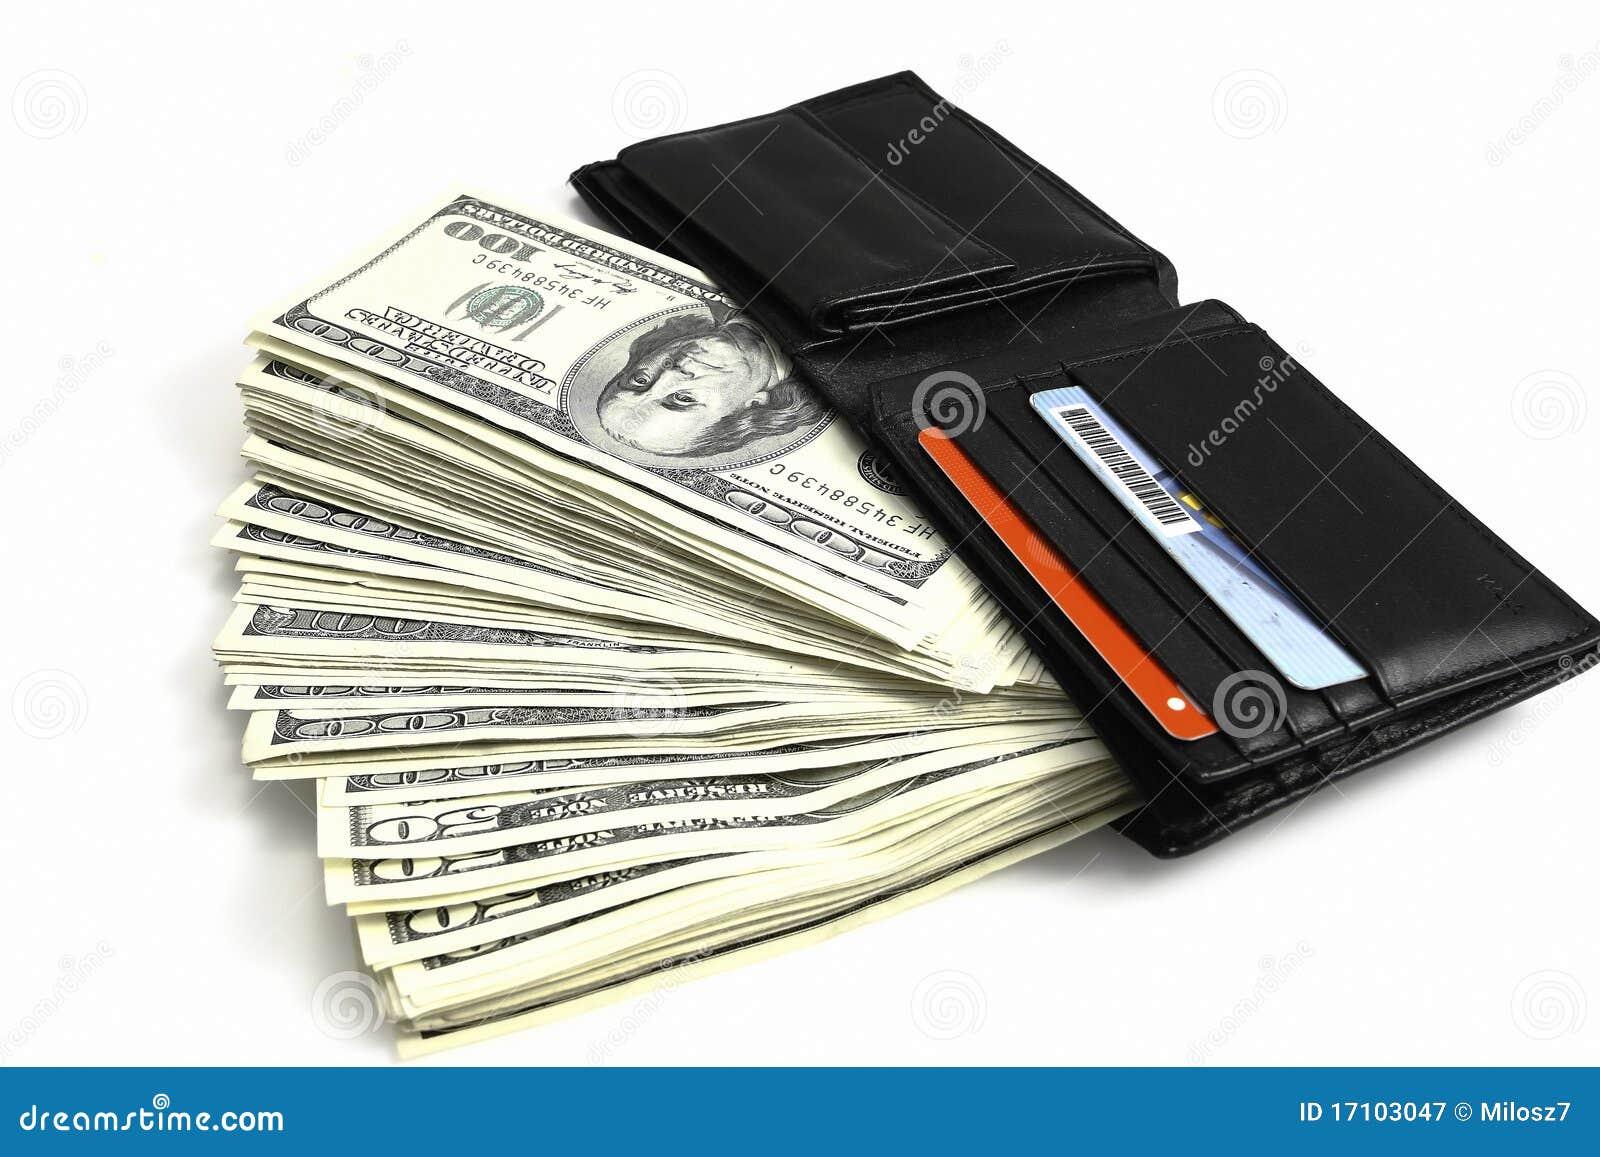 wallet-money-17103047.jpg